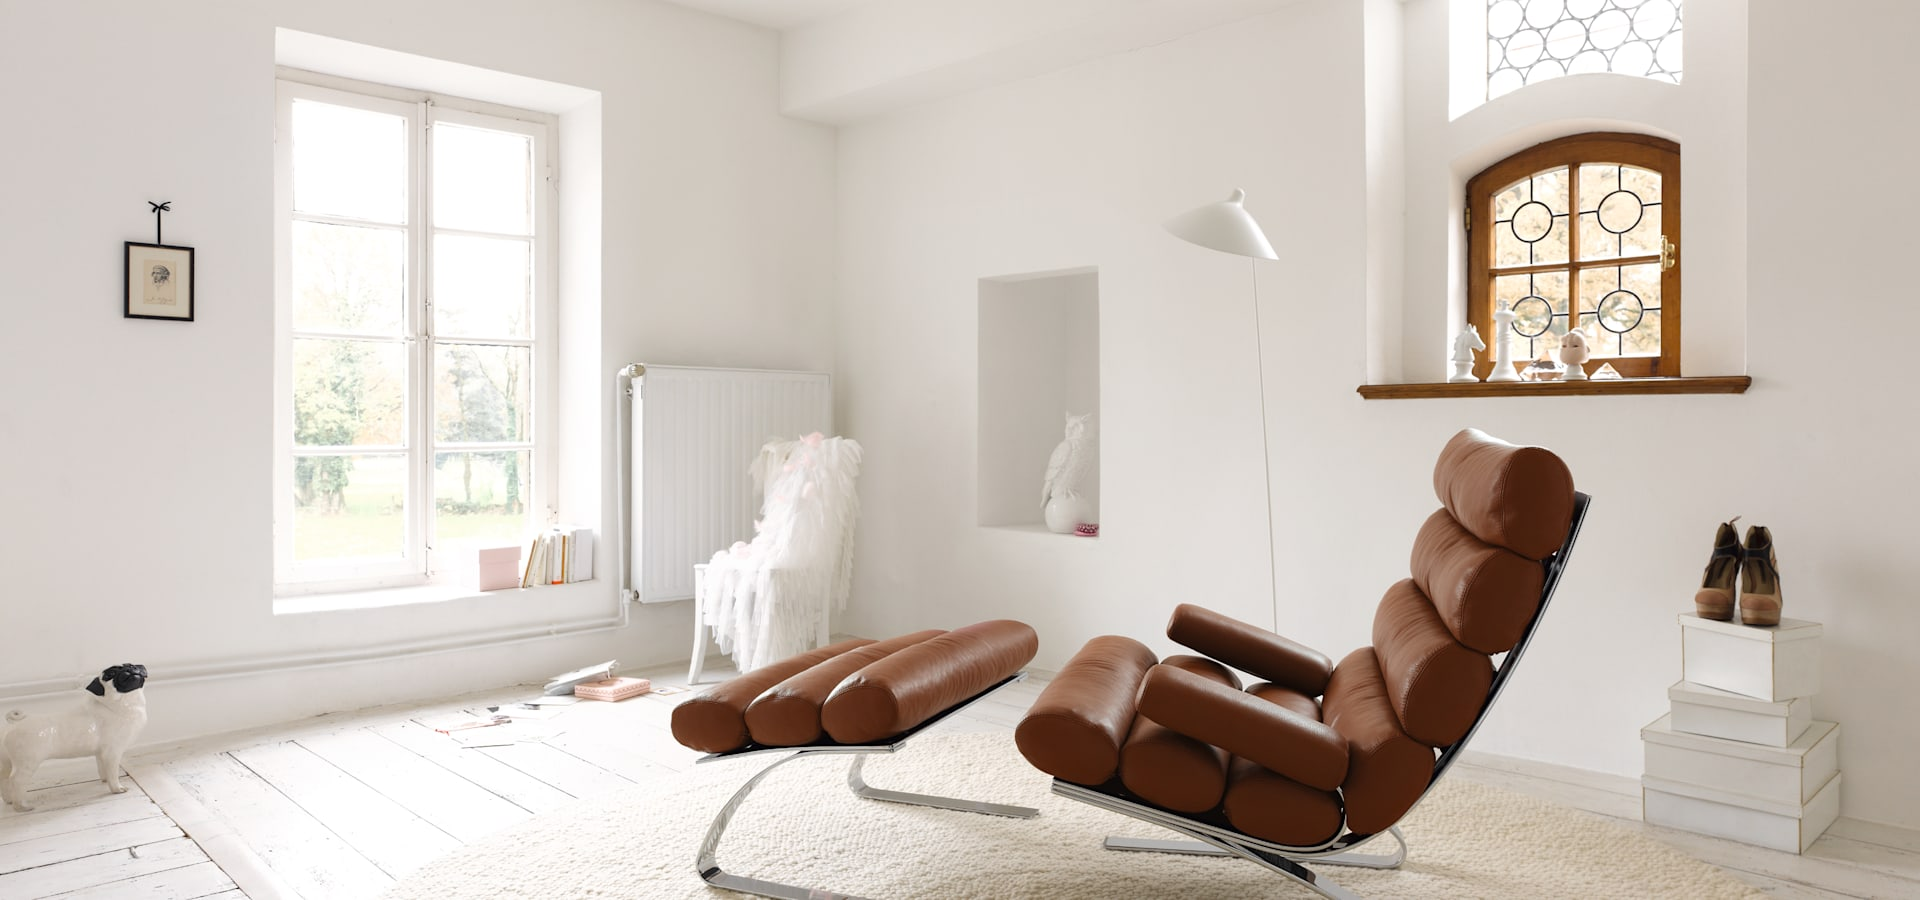 cor sitzm bel helmut l bke gmbh co kg cor sitzm bel homify. Black Bedroom Furniture Sets. Home Design Ideas